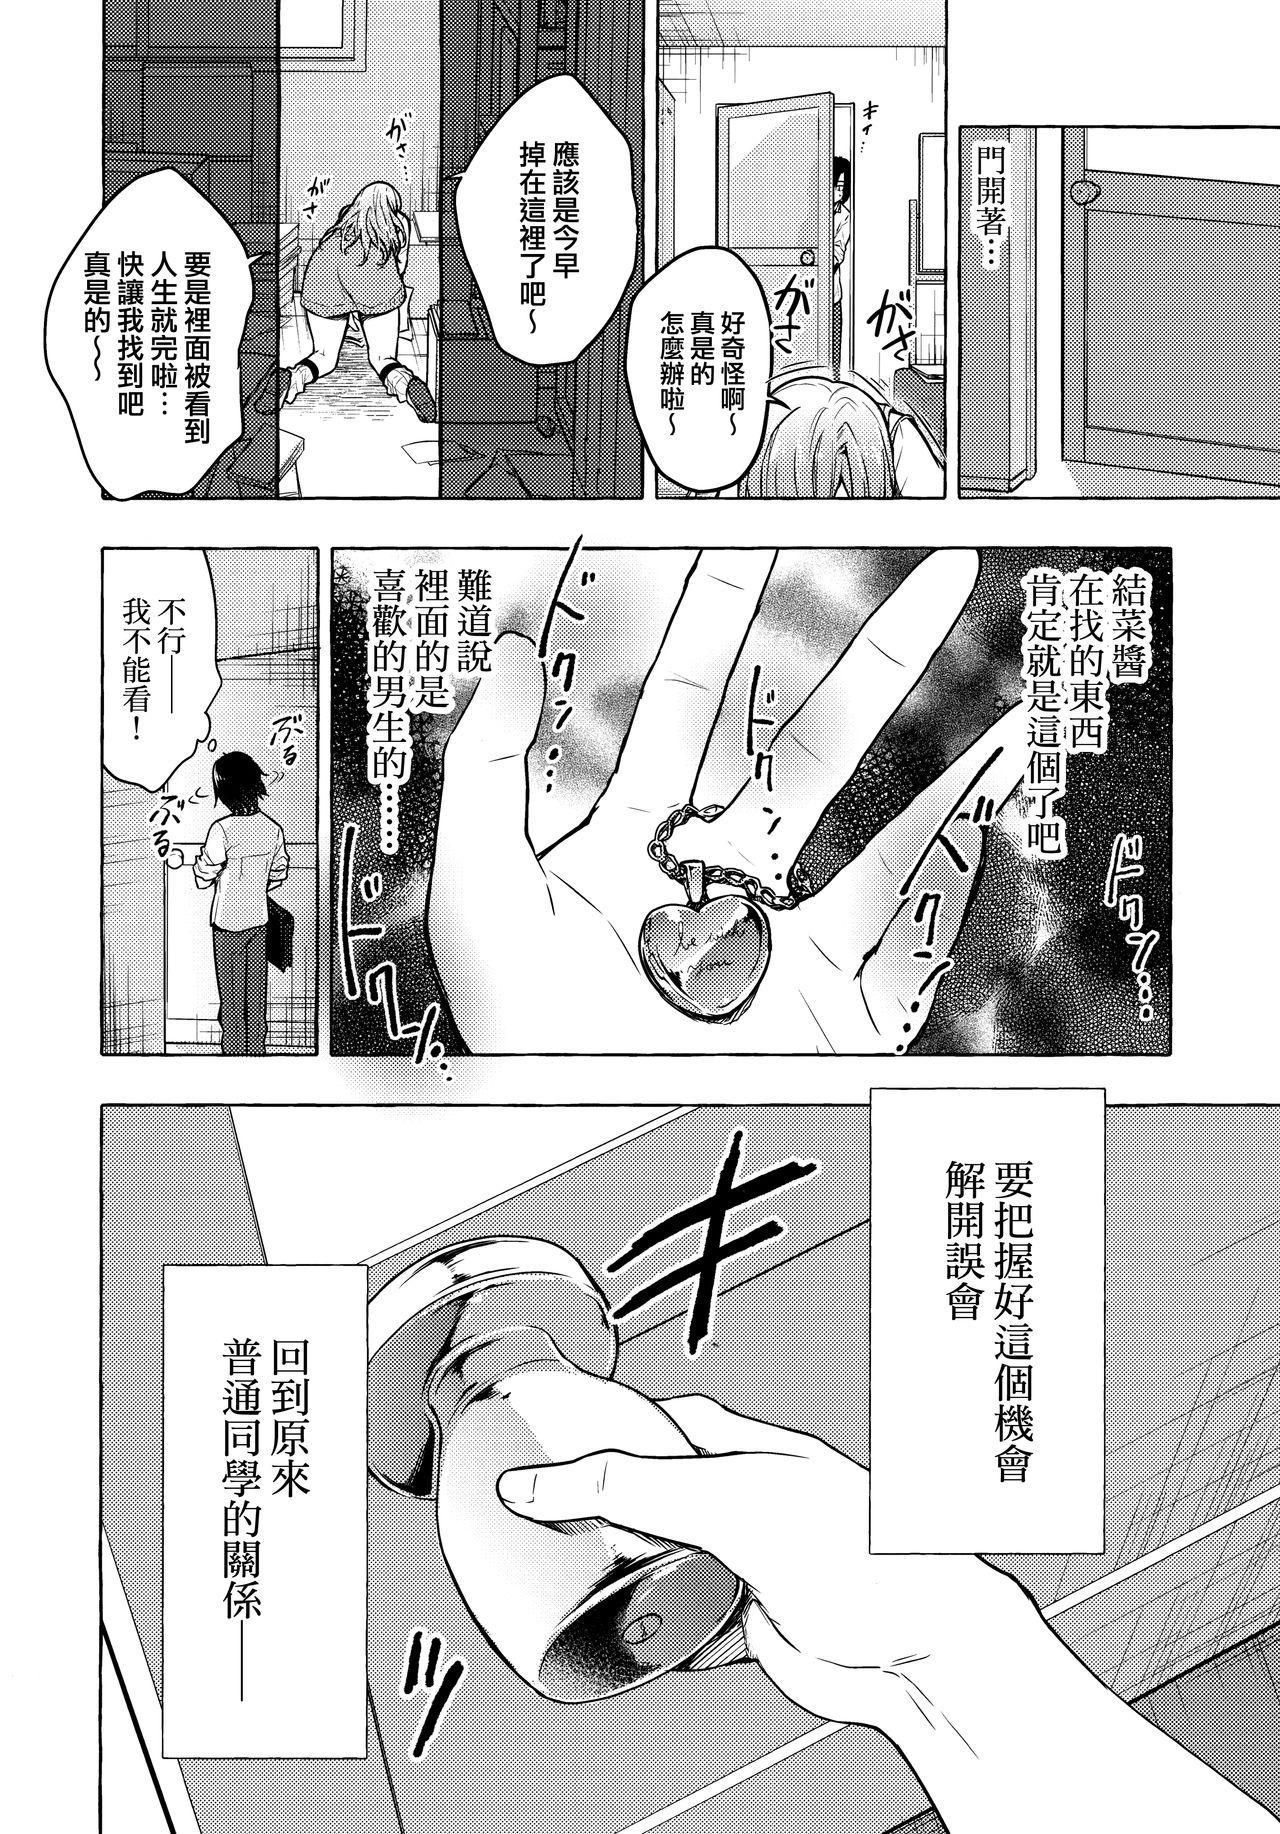 (Akihabara Chou Doujinsai) [Kinokonomi (konomi)] Gal Yuina-chan to Ecchi 2 -Kataomoi no Kanojo ga Boku ni Sekimen!?-  [Chinese] [兔司姬漢化組] 9